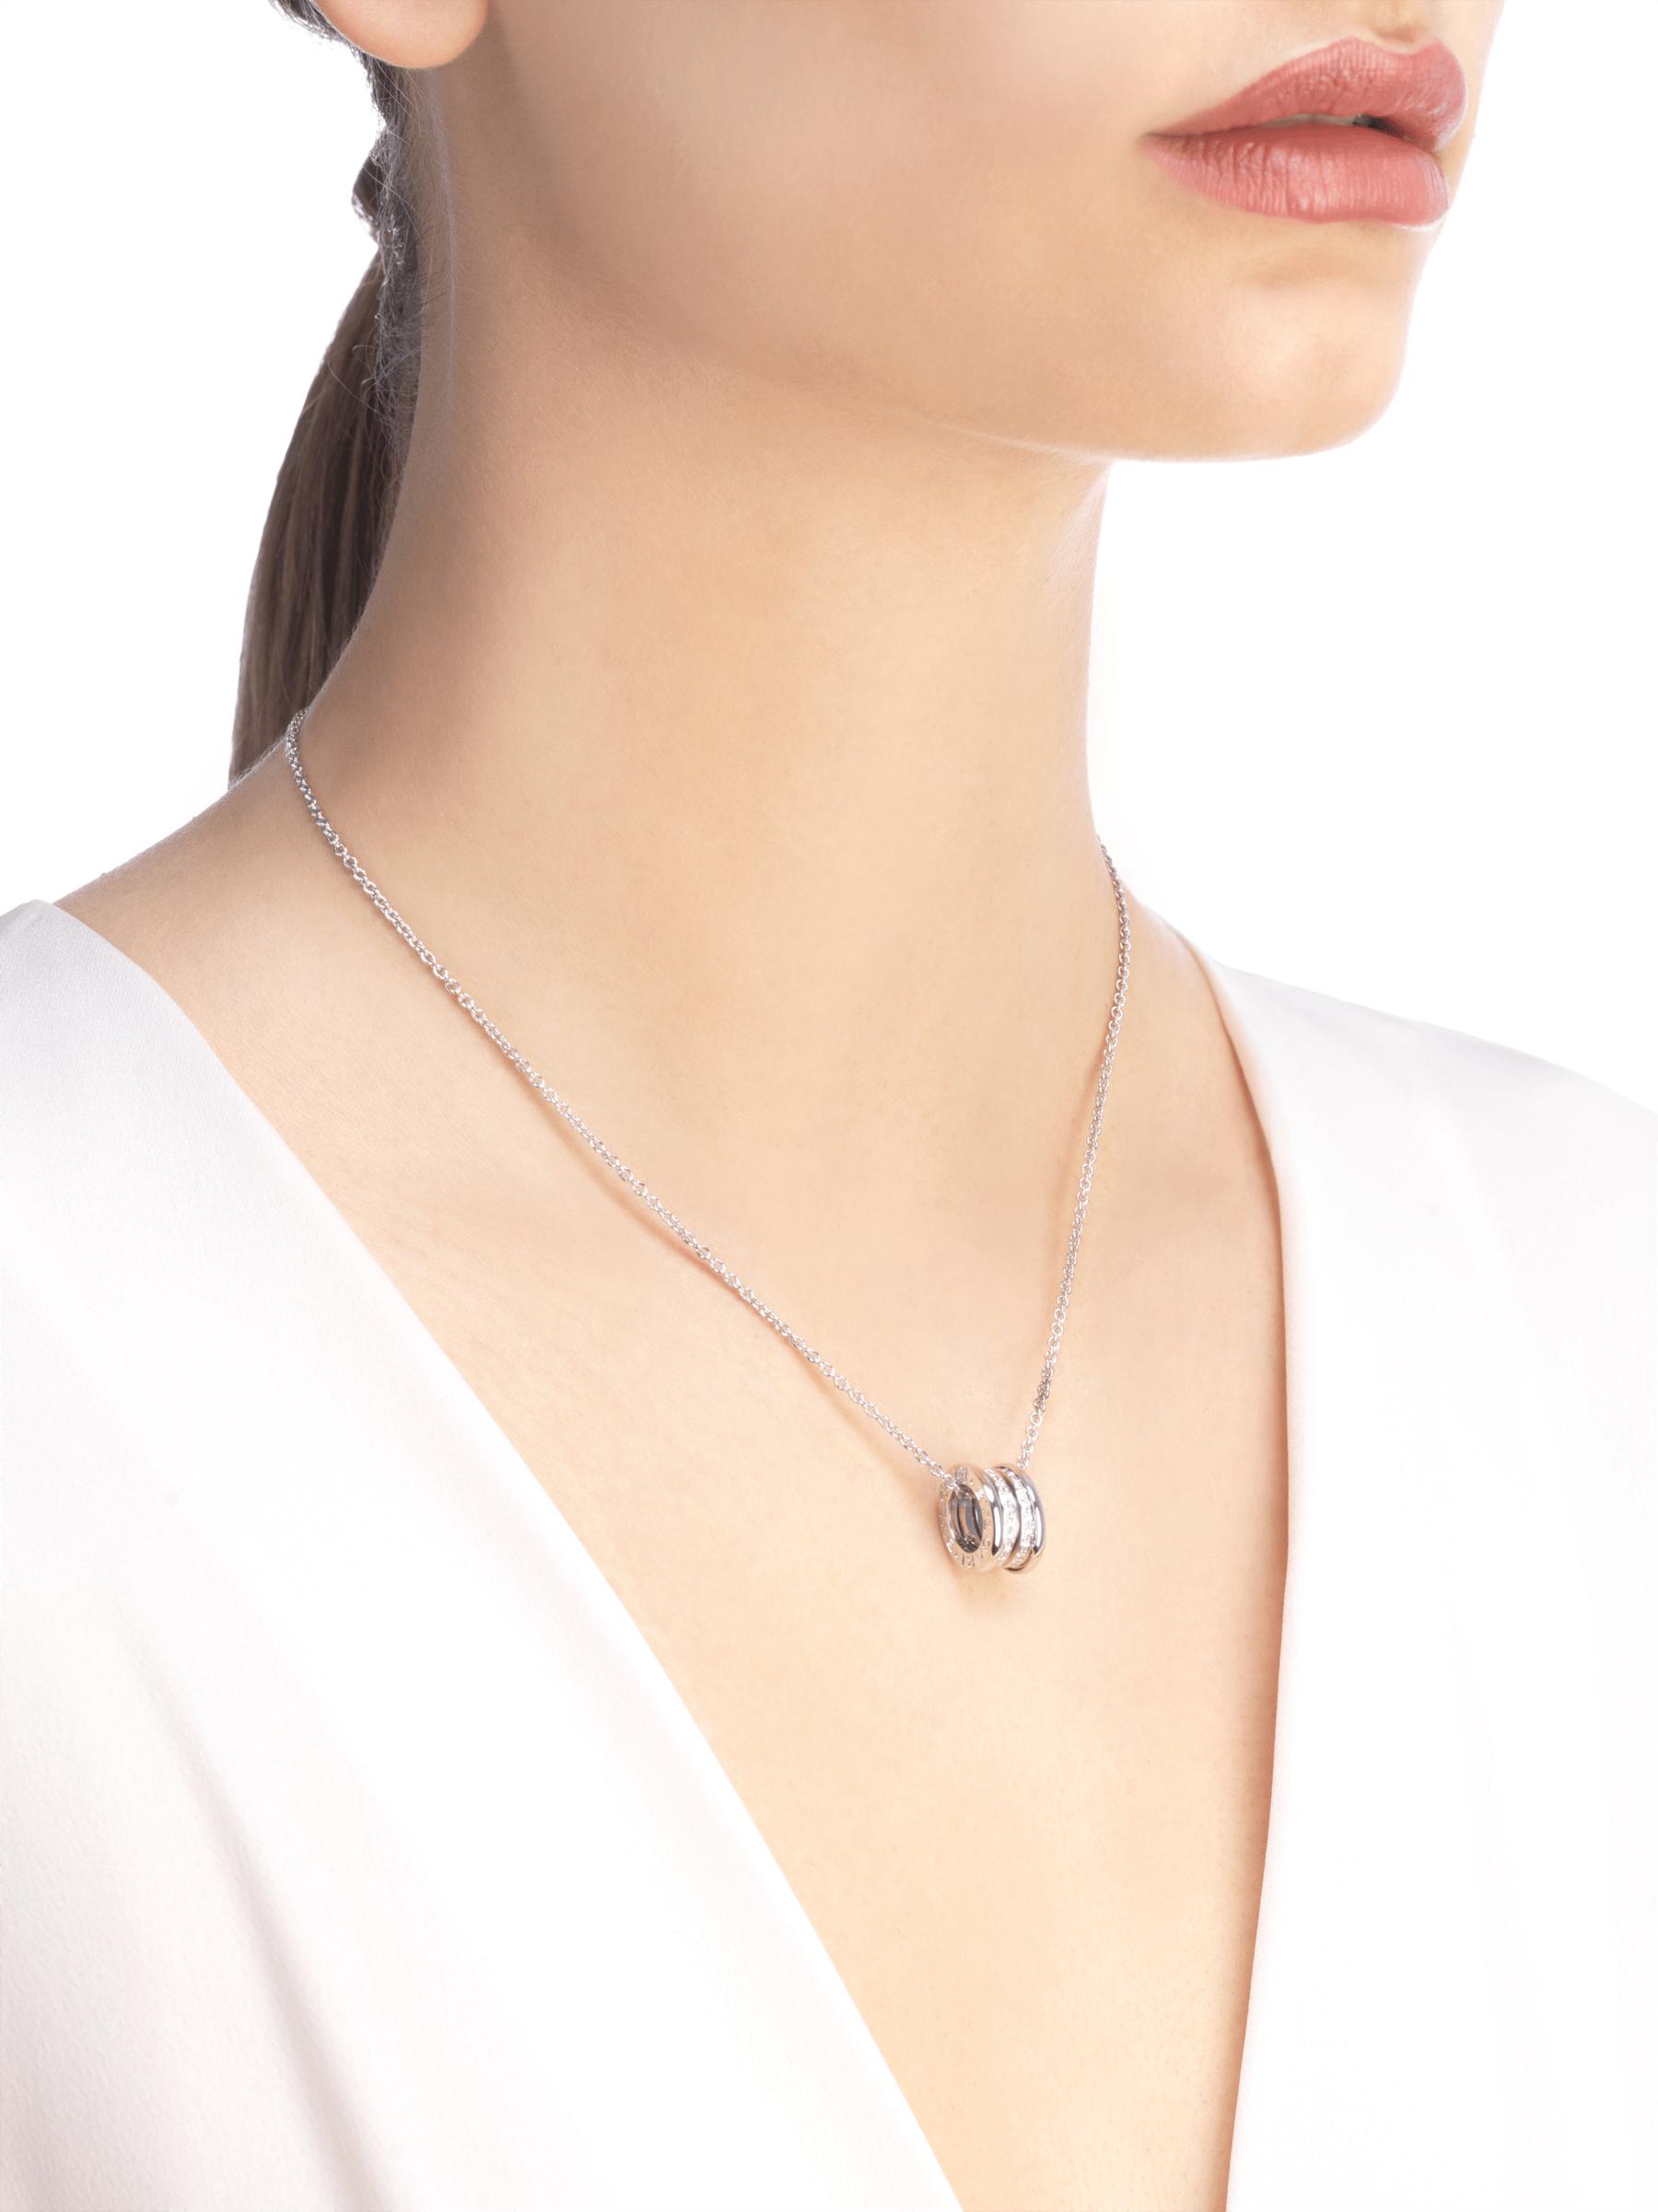 Con la emblemática espiral esculpida con un precioso pavé de diamantes alrededor de una cadena en oro blanco, el collar B.zero1 fusiona su distintivo diseño con la elegancia contemporánea. 352816 image 4